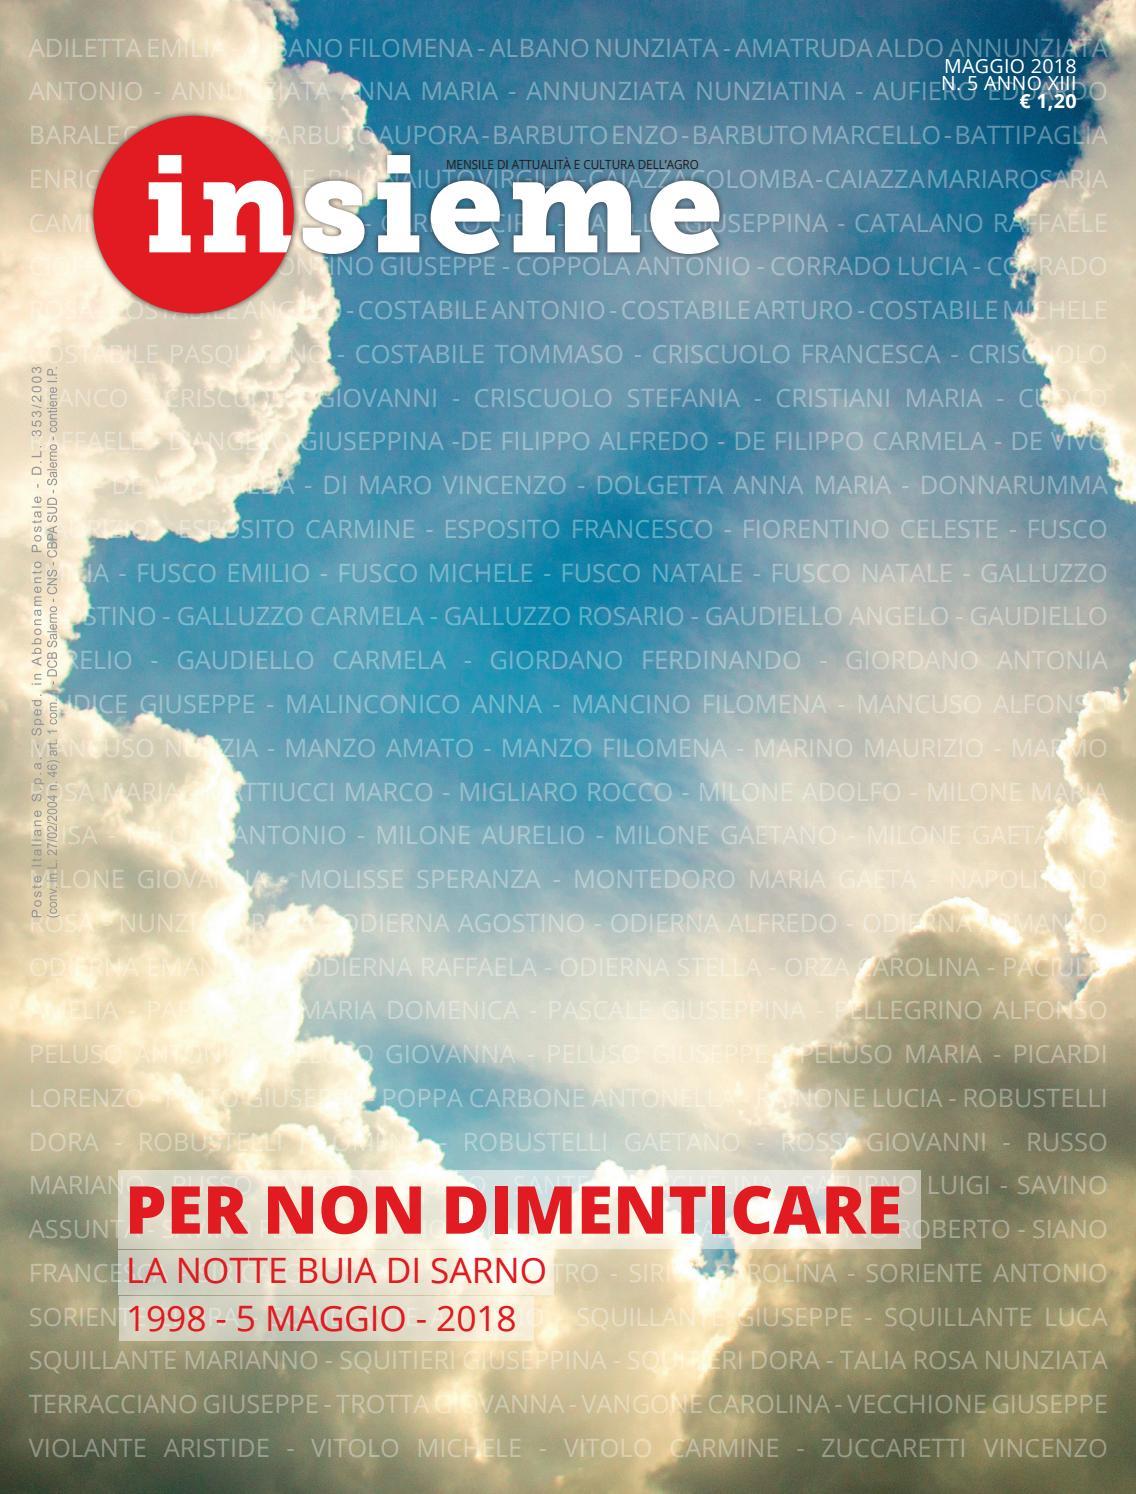 Cucina Della Mamma Nocera Inferiore insieme - maggio 2018 by diocesi nocera inferiore-sarno - issuu